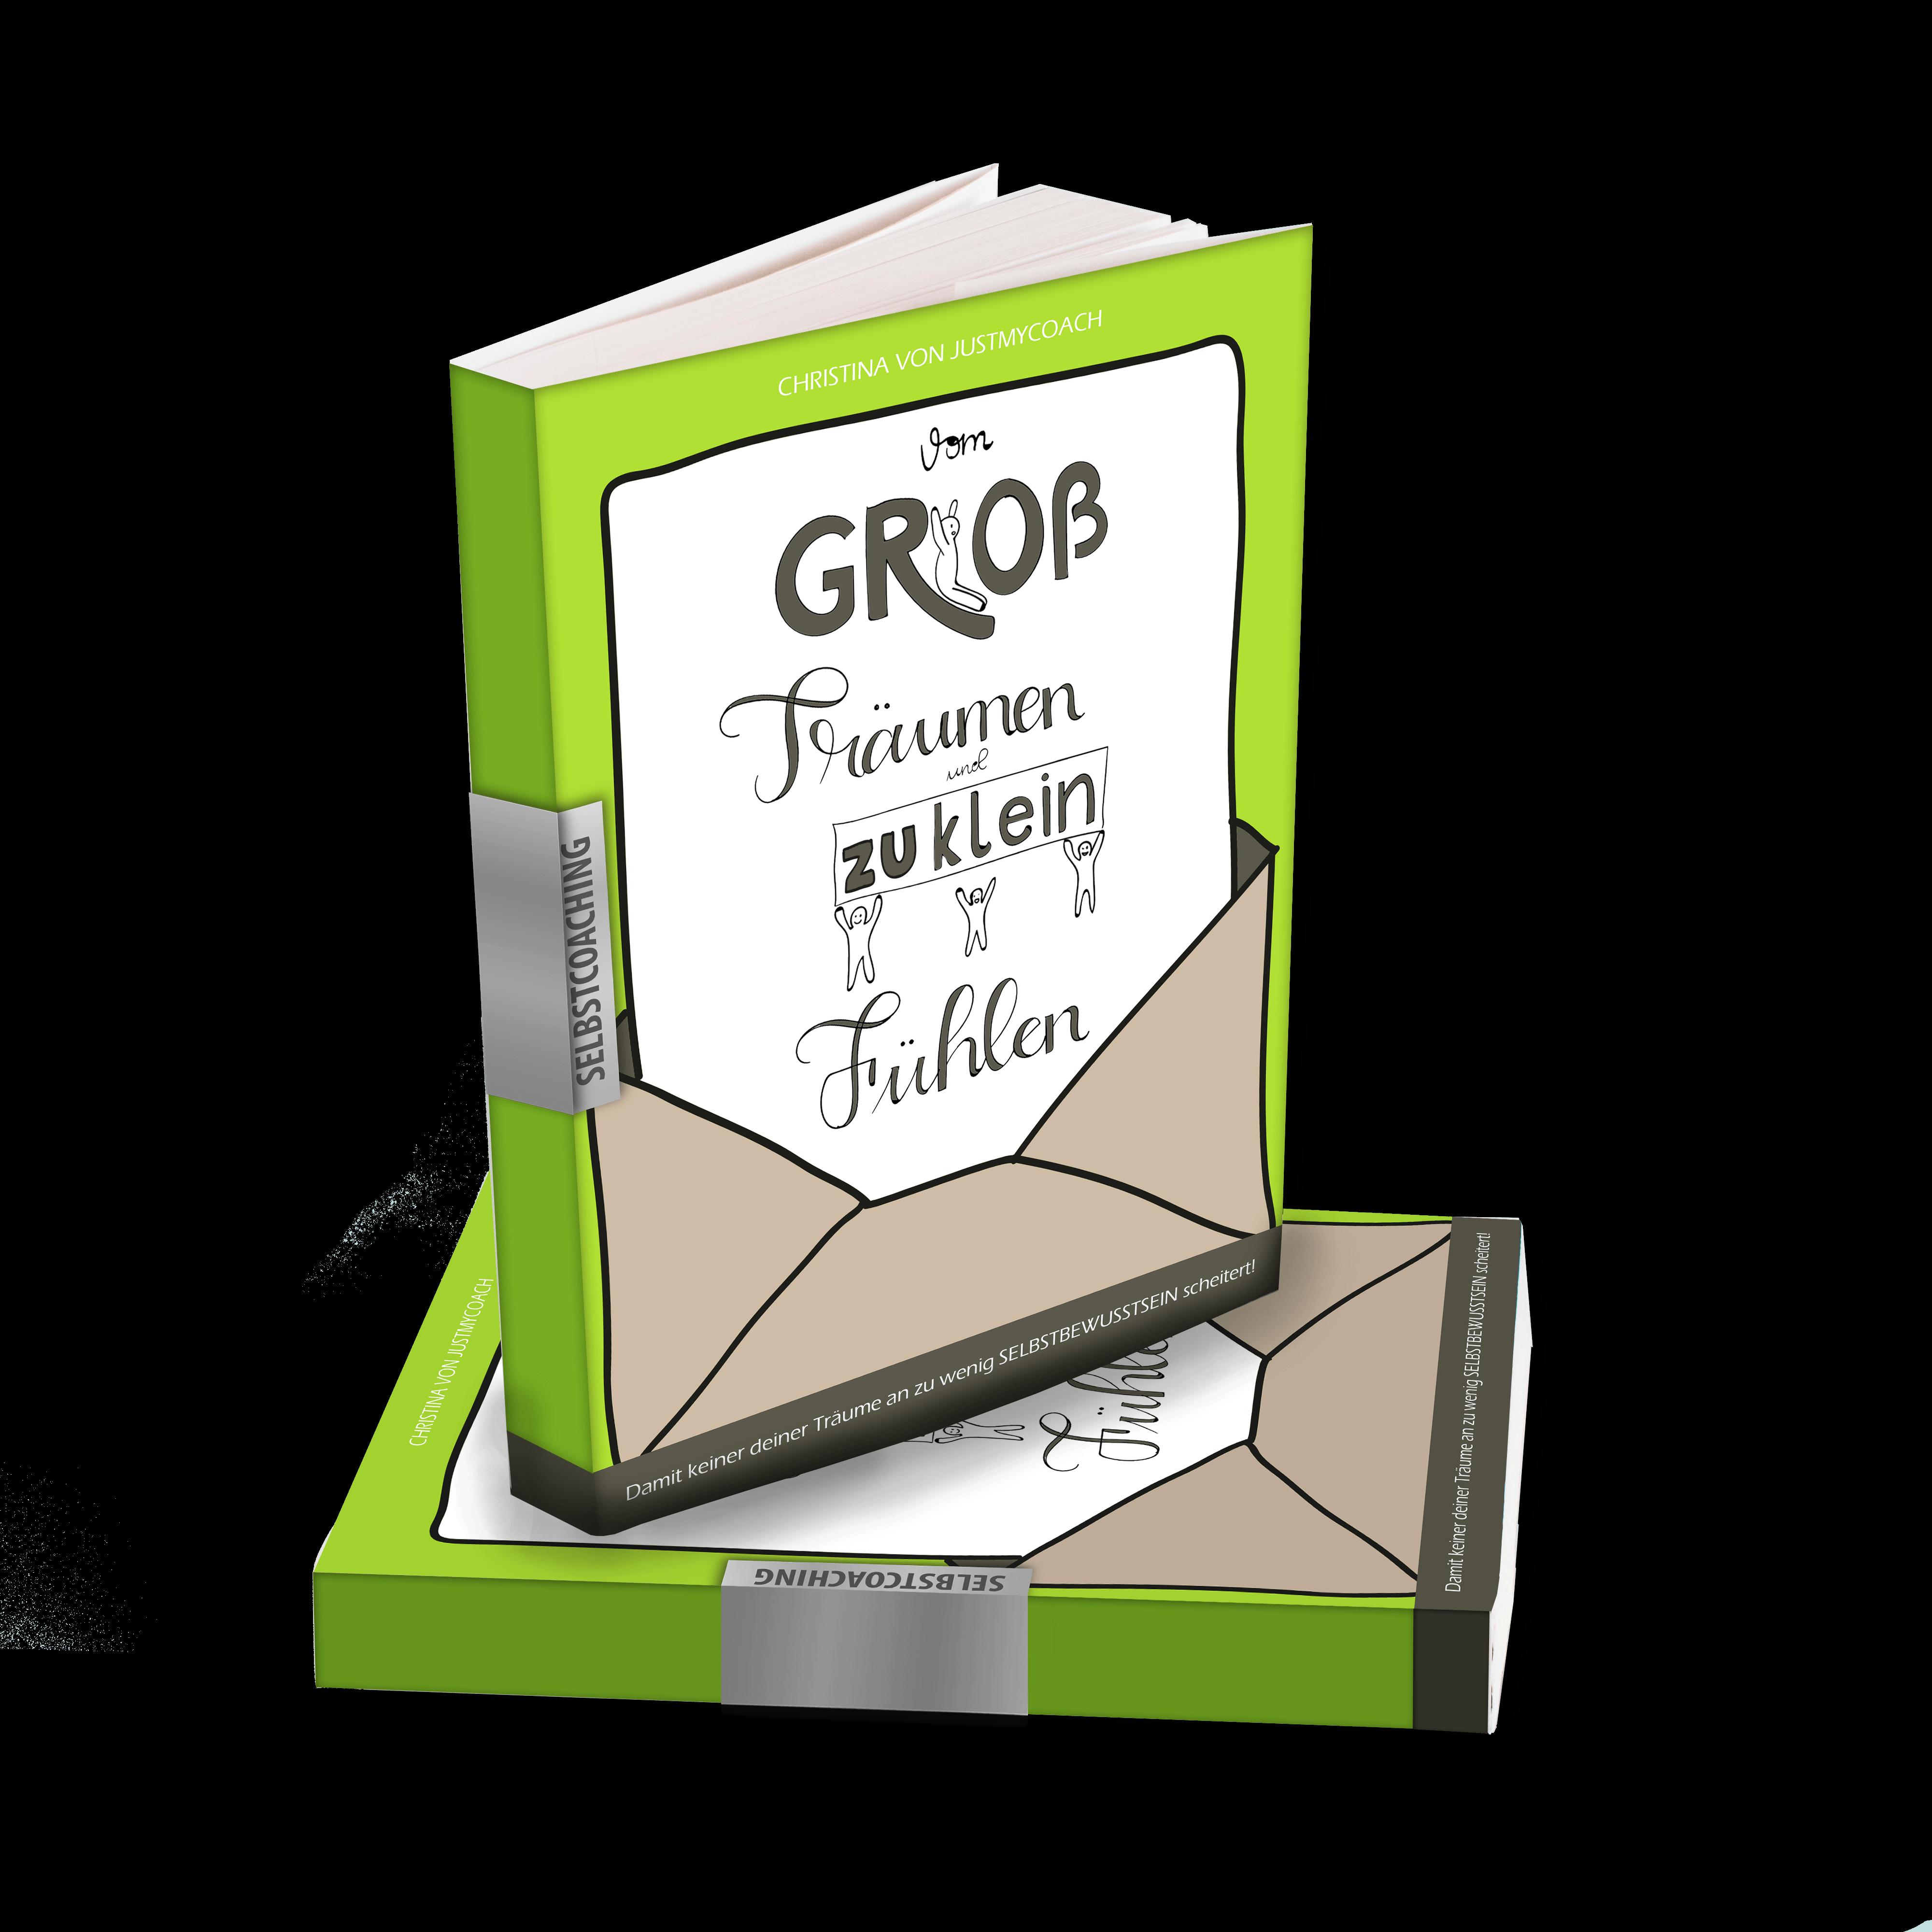 Vom groß Träumen und zu klein fühlen - Buch für hochsensible Scanner